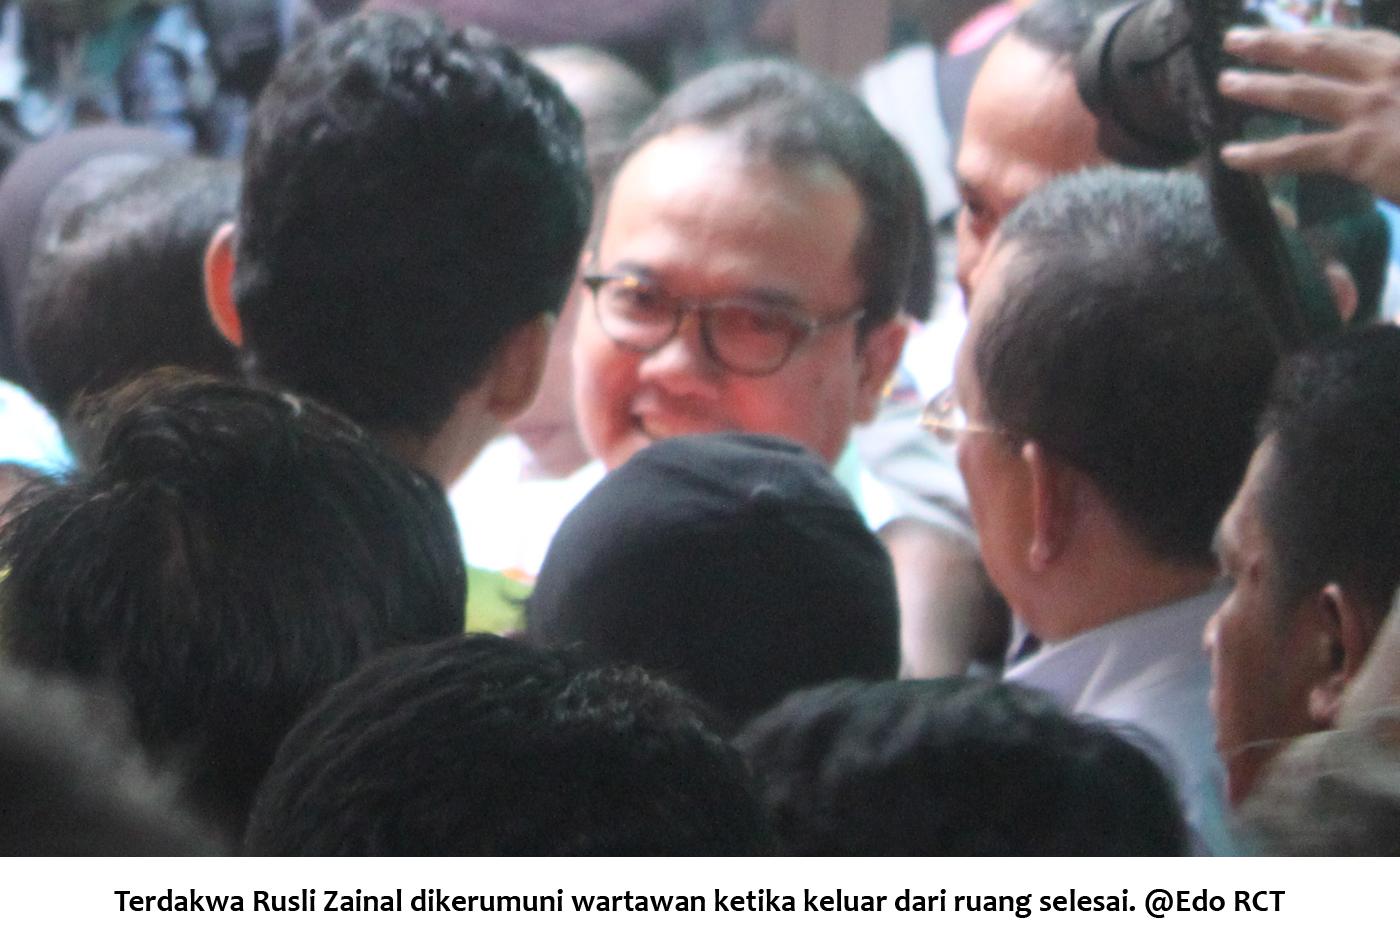 Terdakwa RZ dikerumuni wartawan ketika keluar dari ruang sidangg